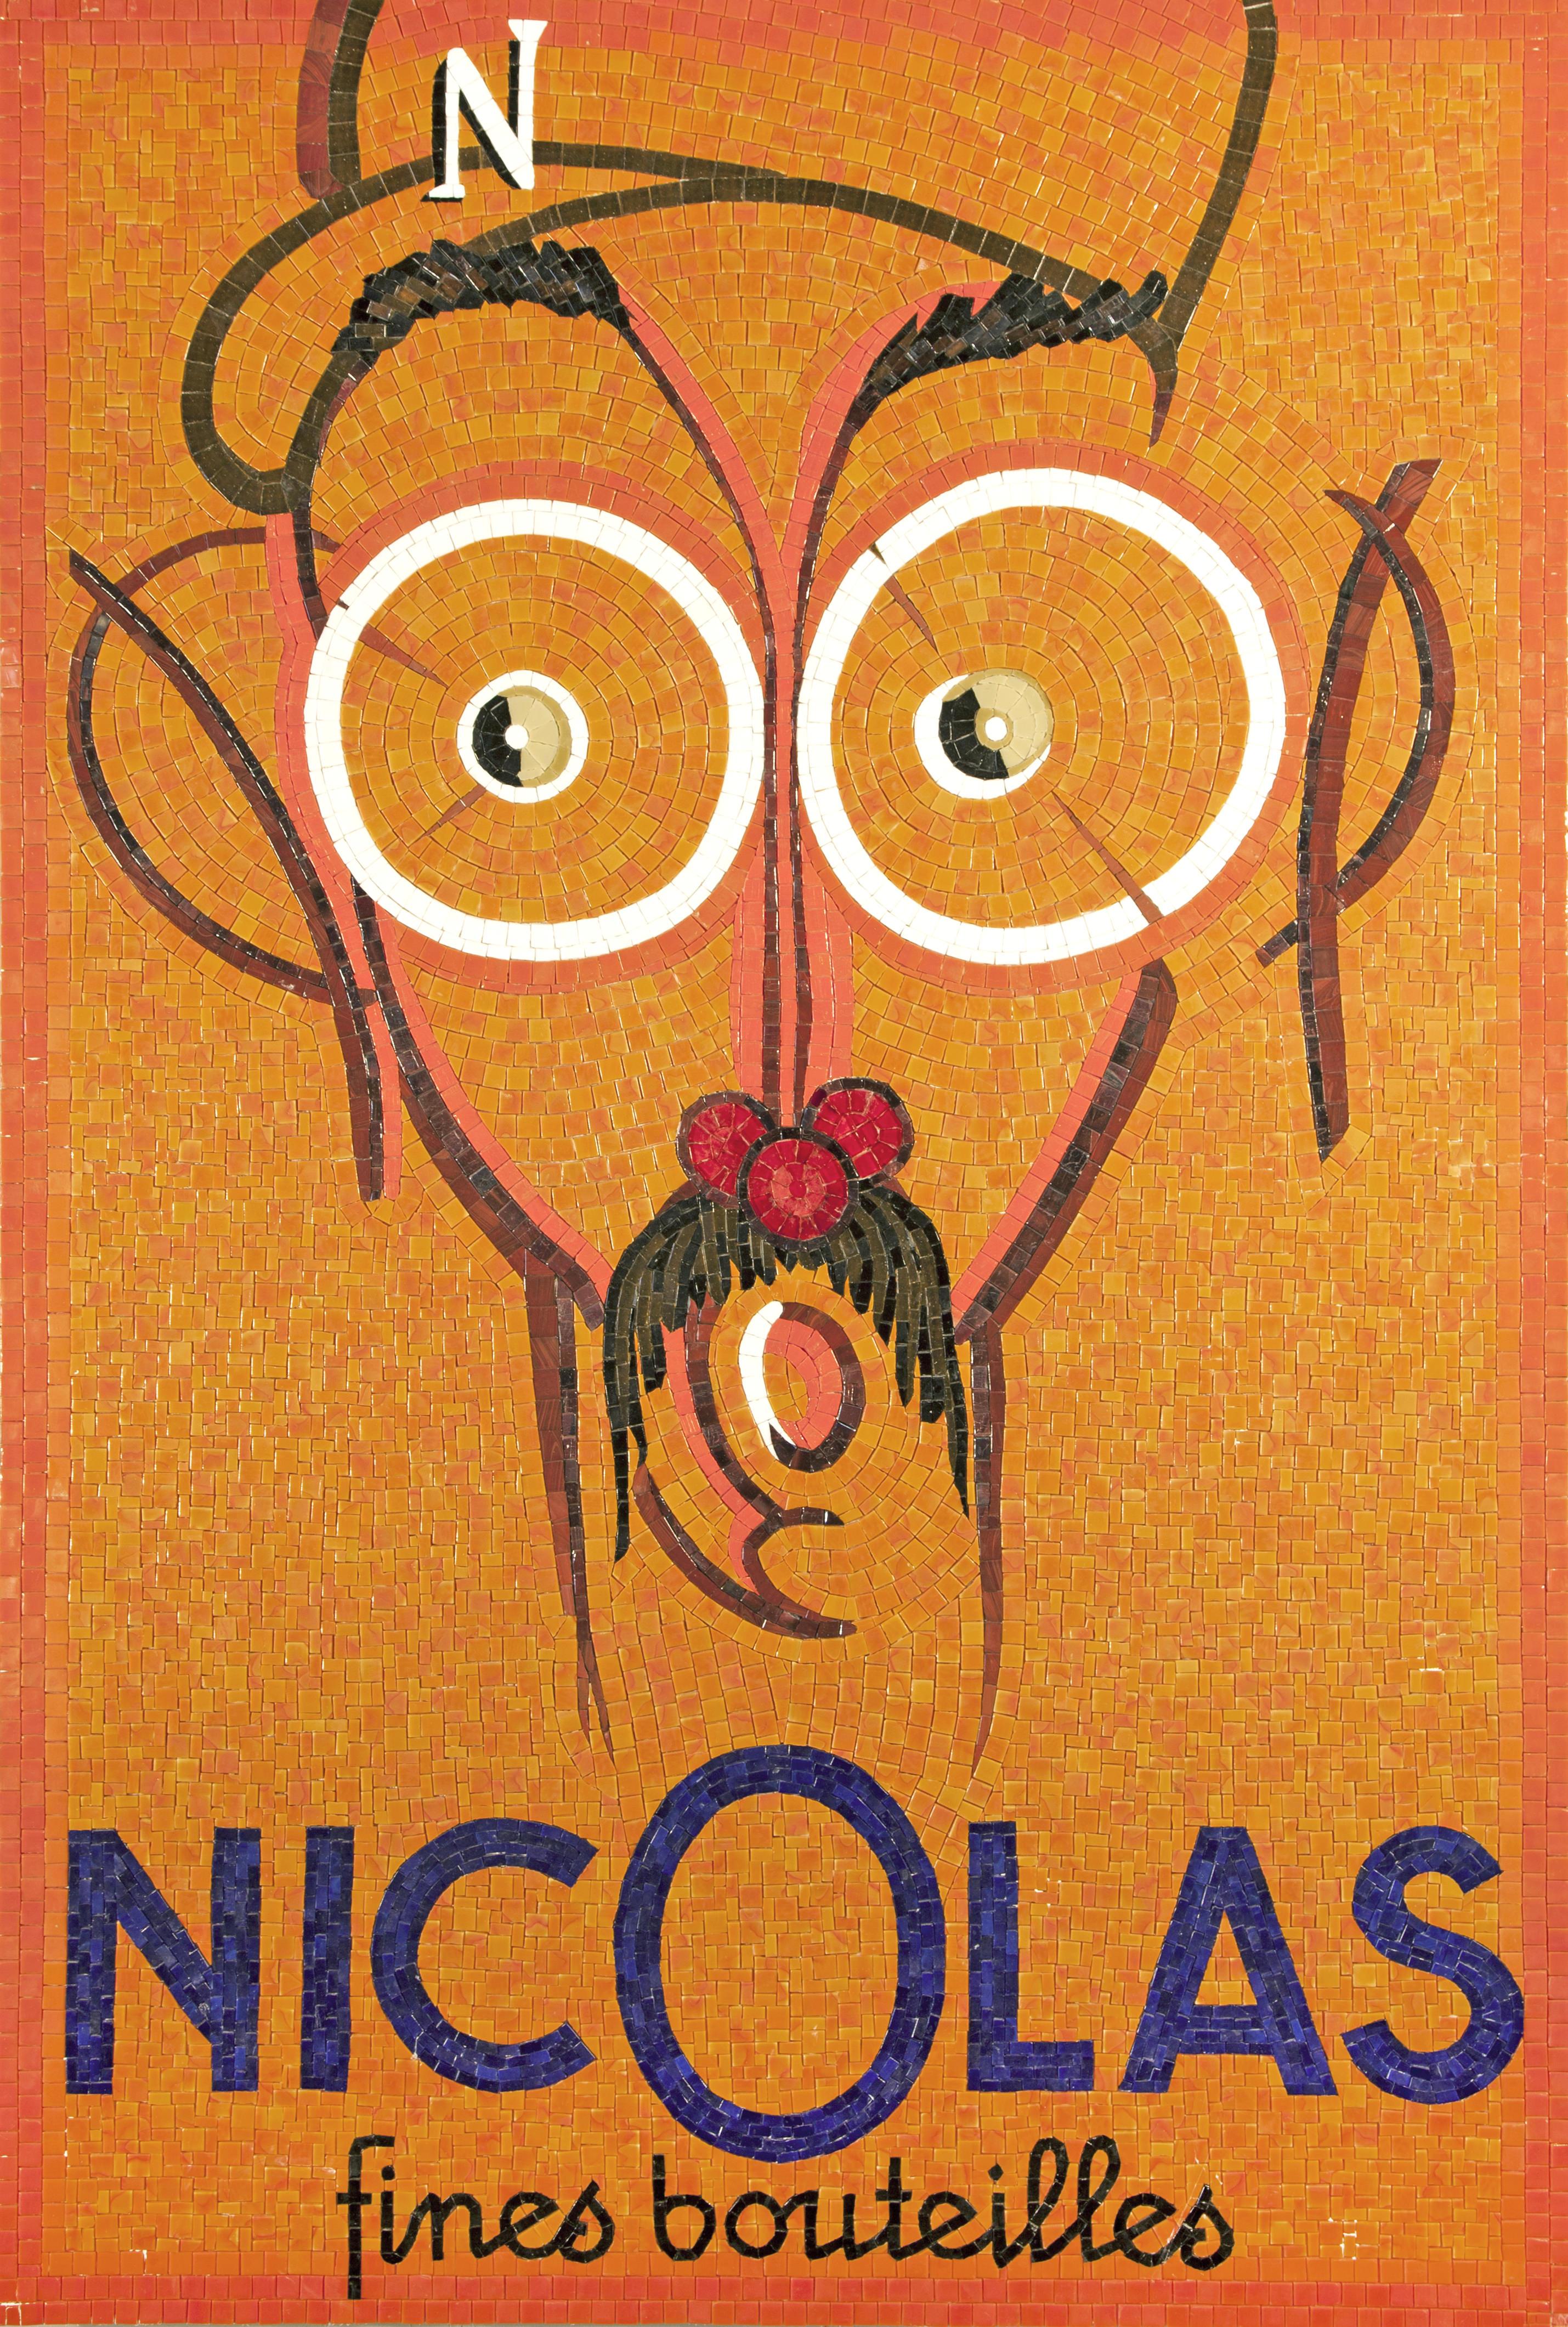 Nicolas, Fines Boutilles